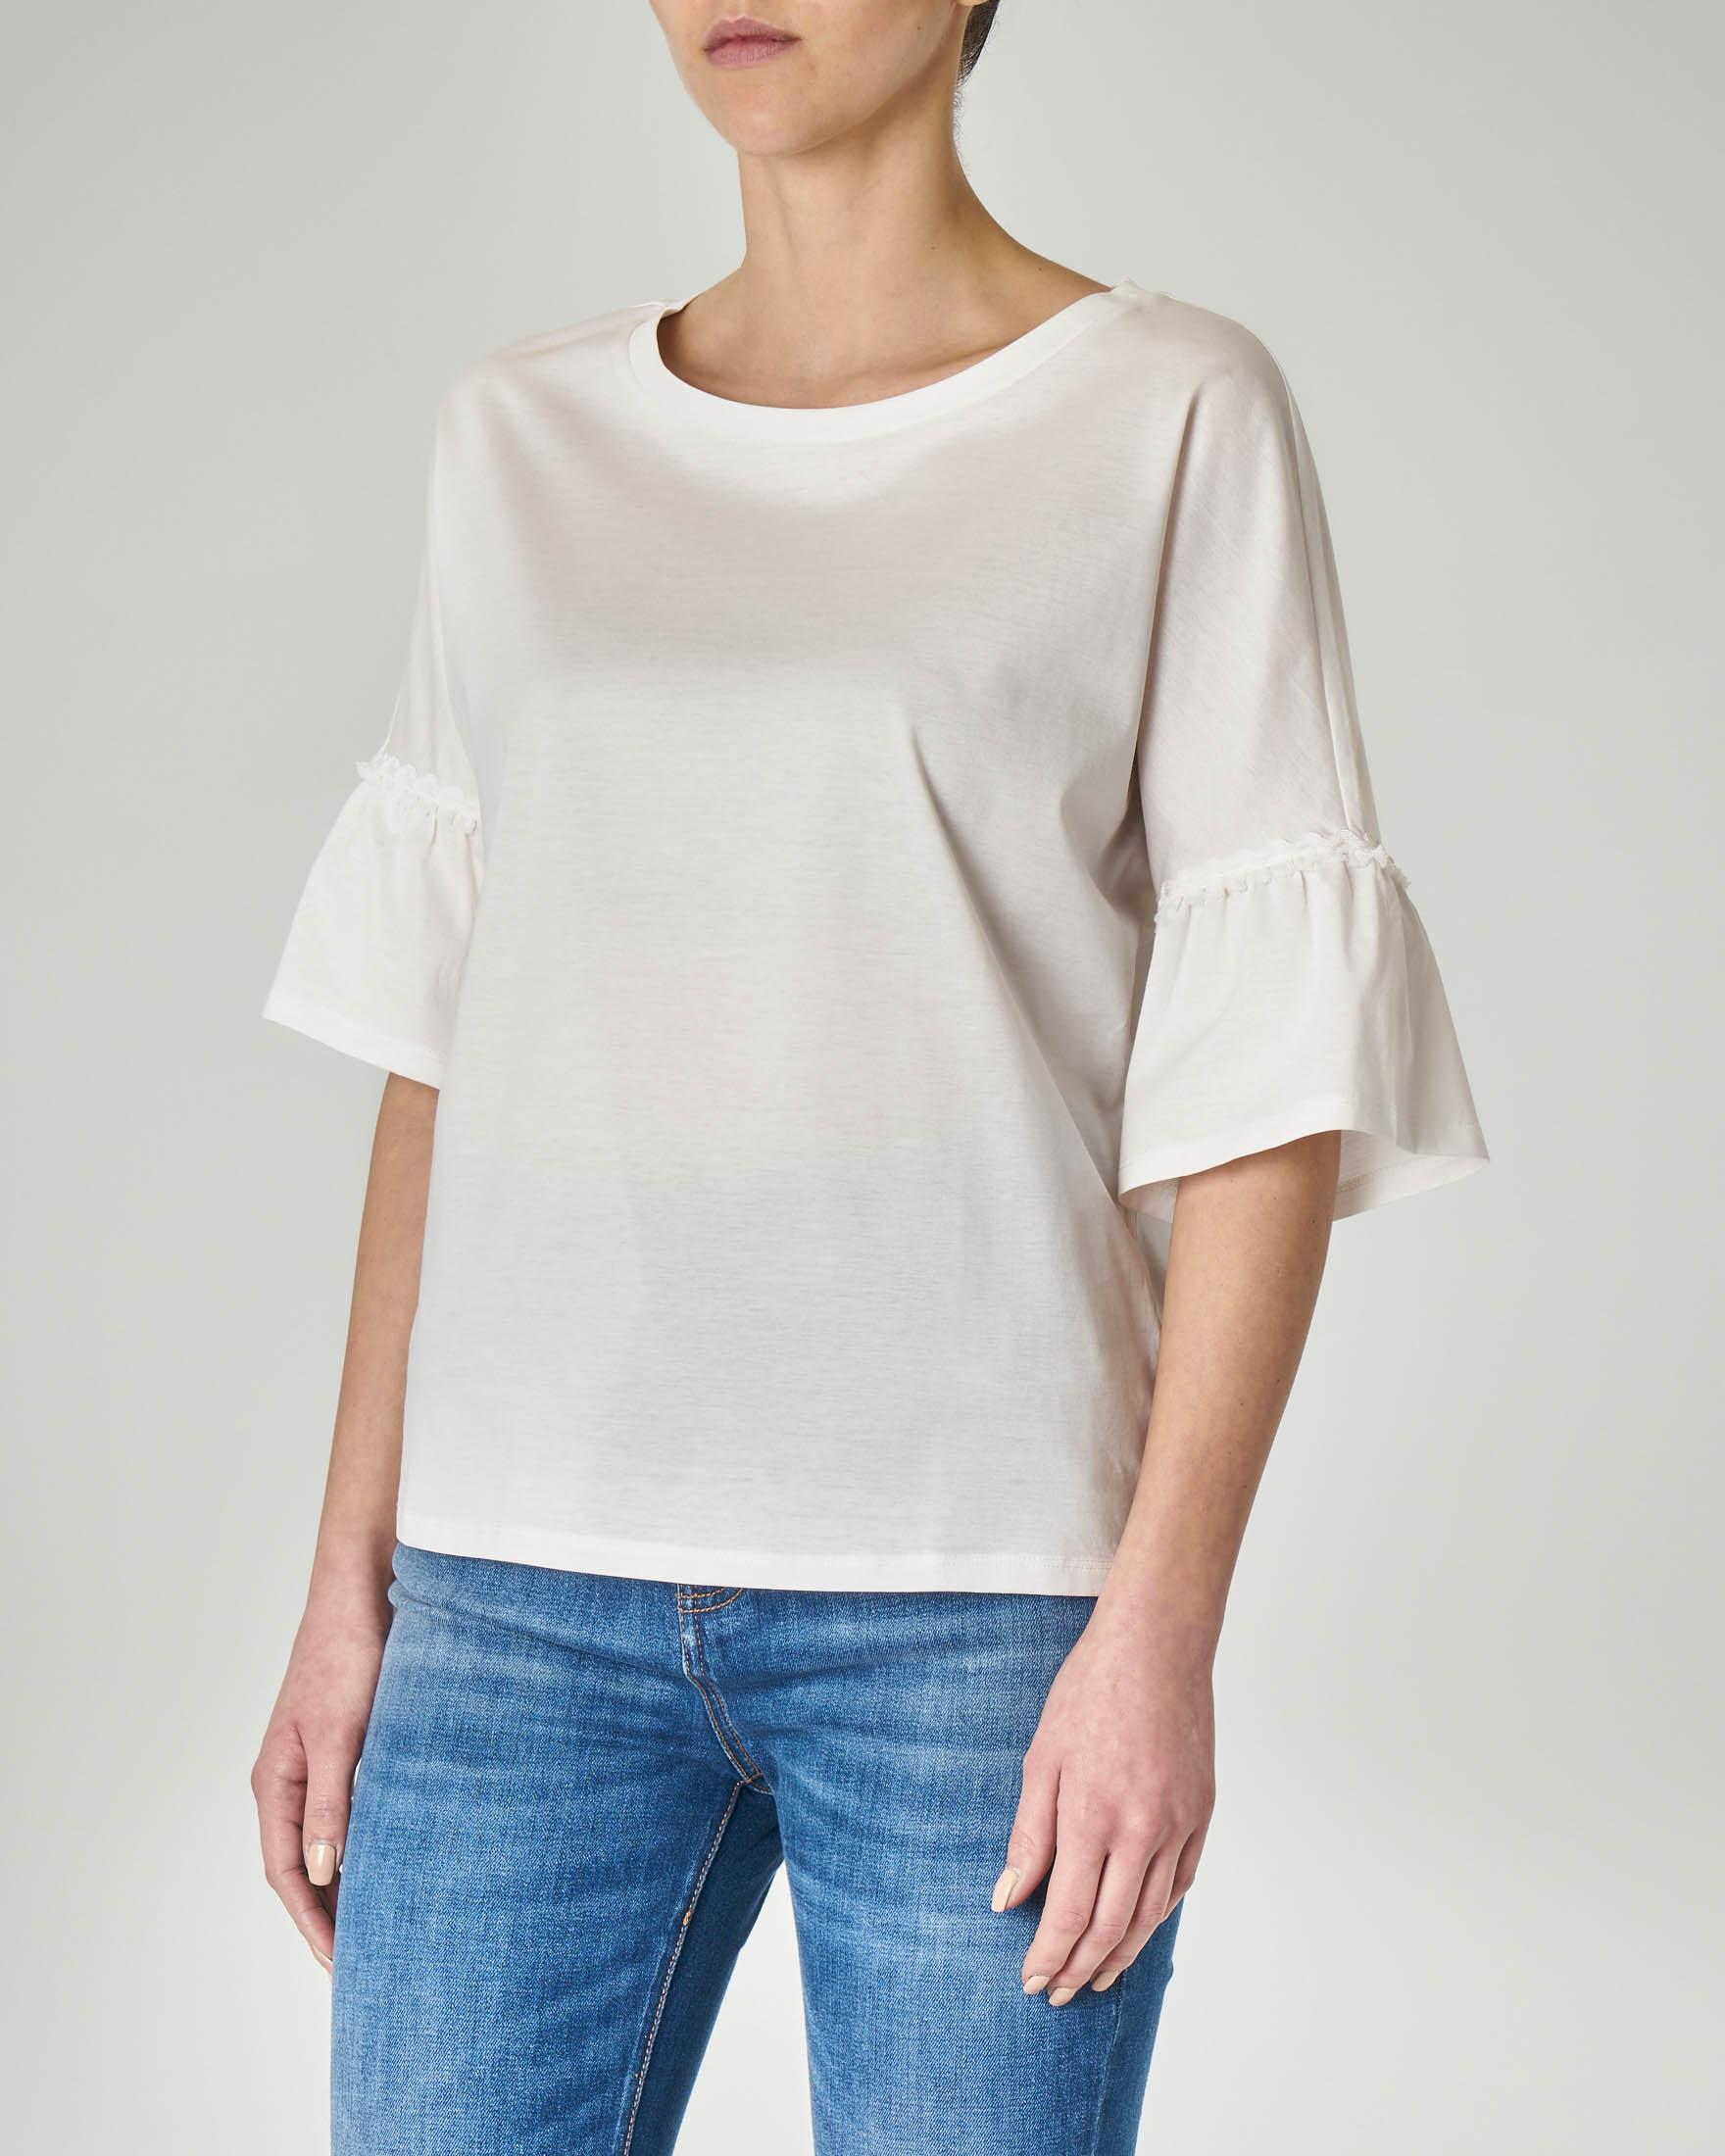 Maglietta girocollo bianca in cotone con manica a volant